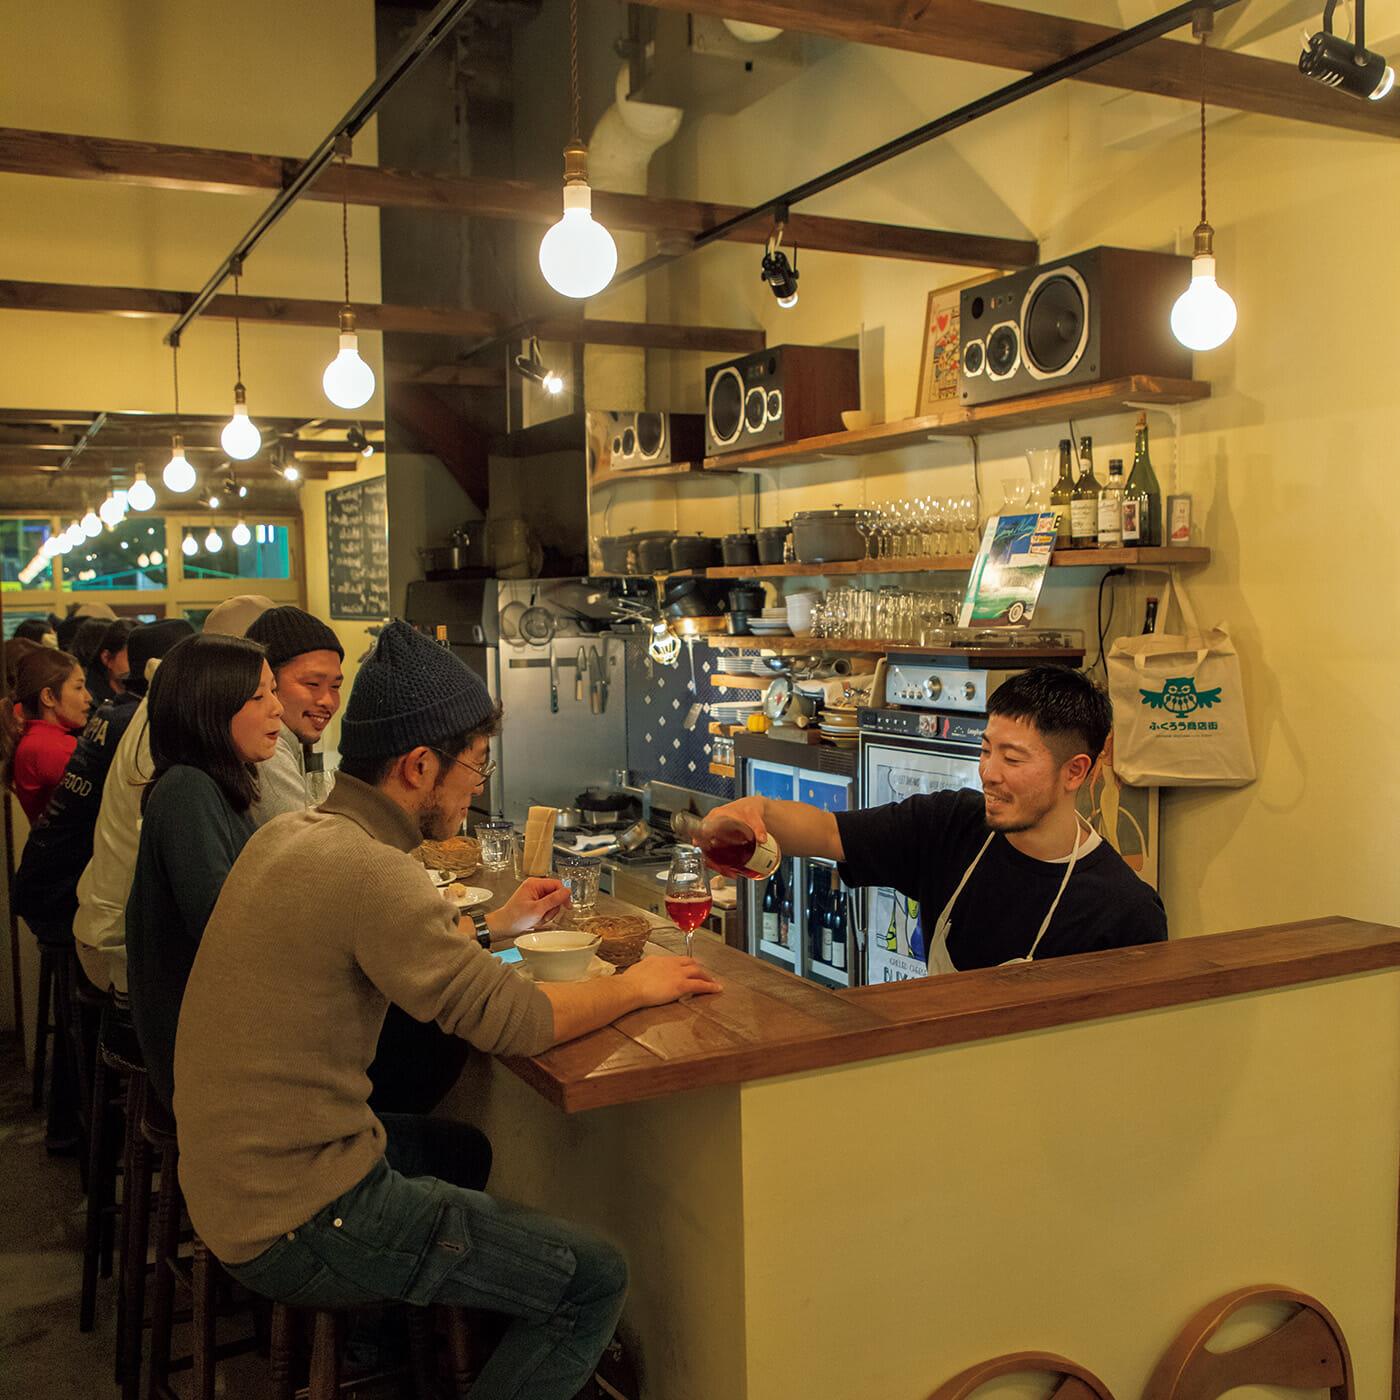 天井高のある開放的な空間に、毎夜、自然派ワイン好きが集まる〈ズッパ〉。ワインはグラス¥1,000〜、ボトル¥5,000〜で味わえる。